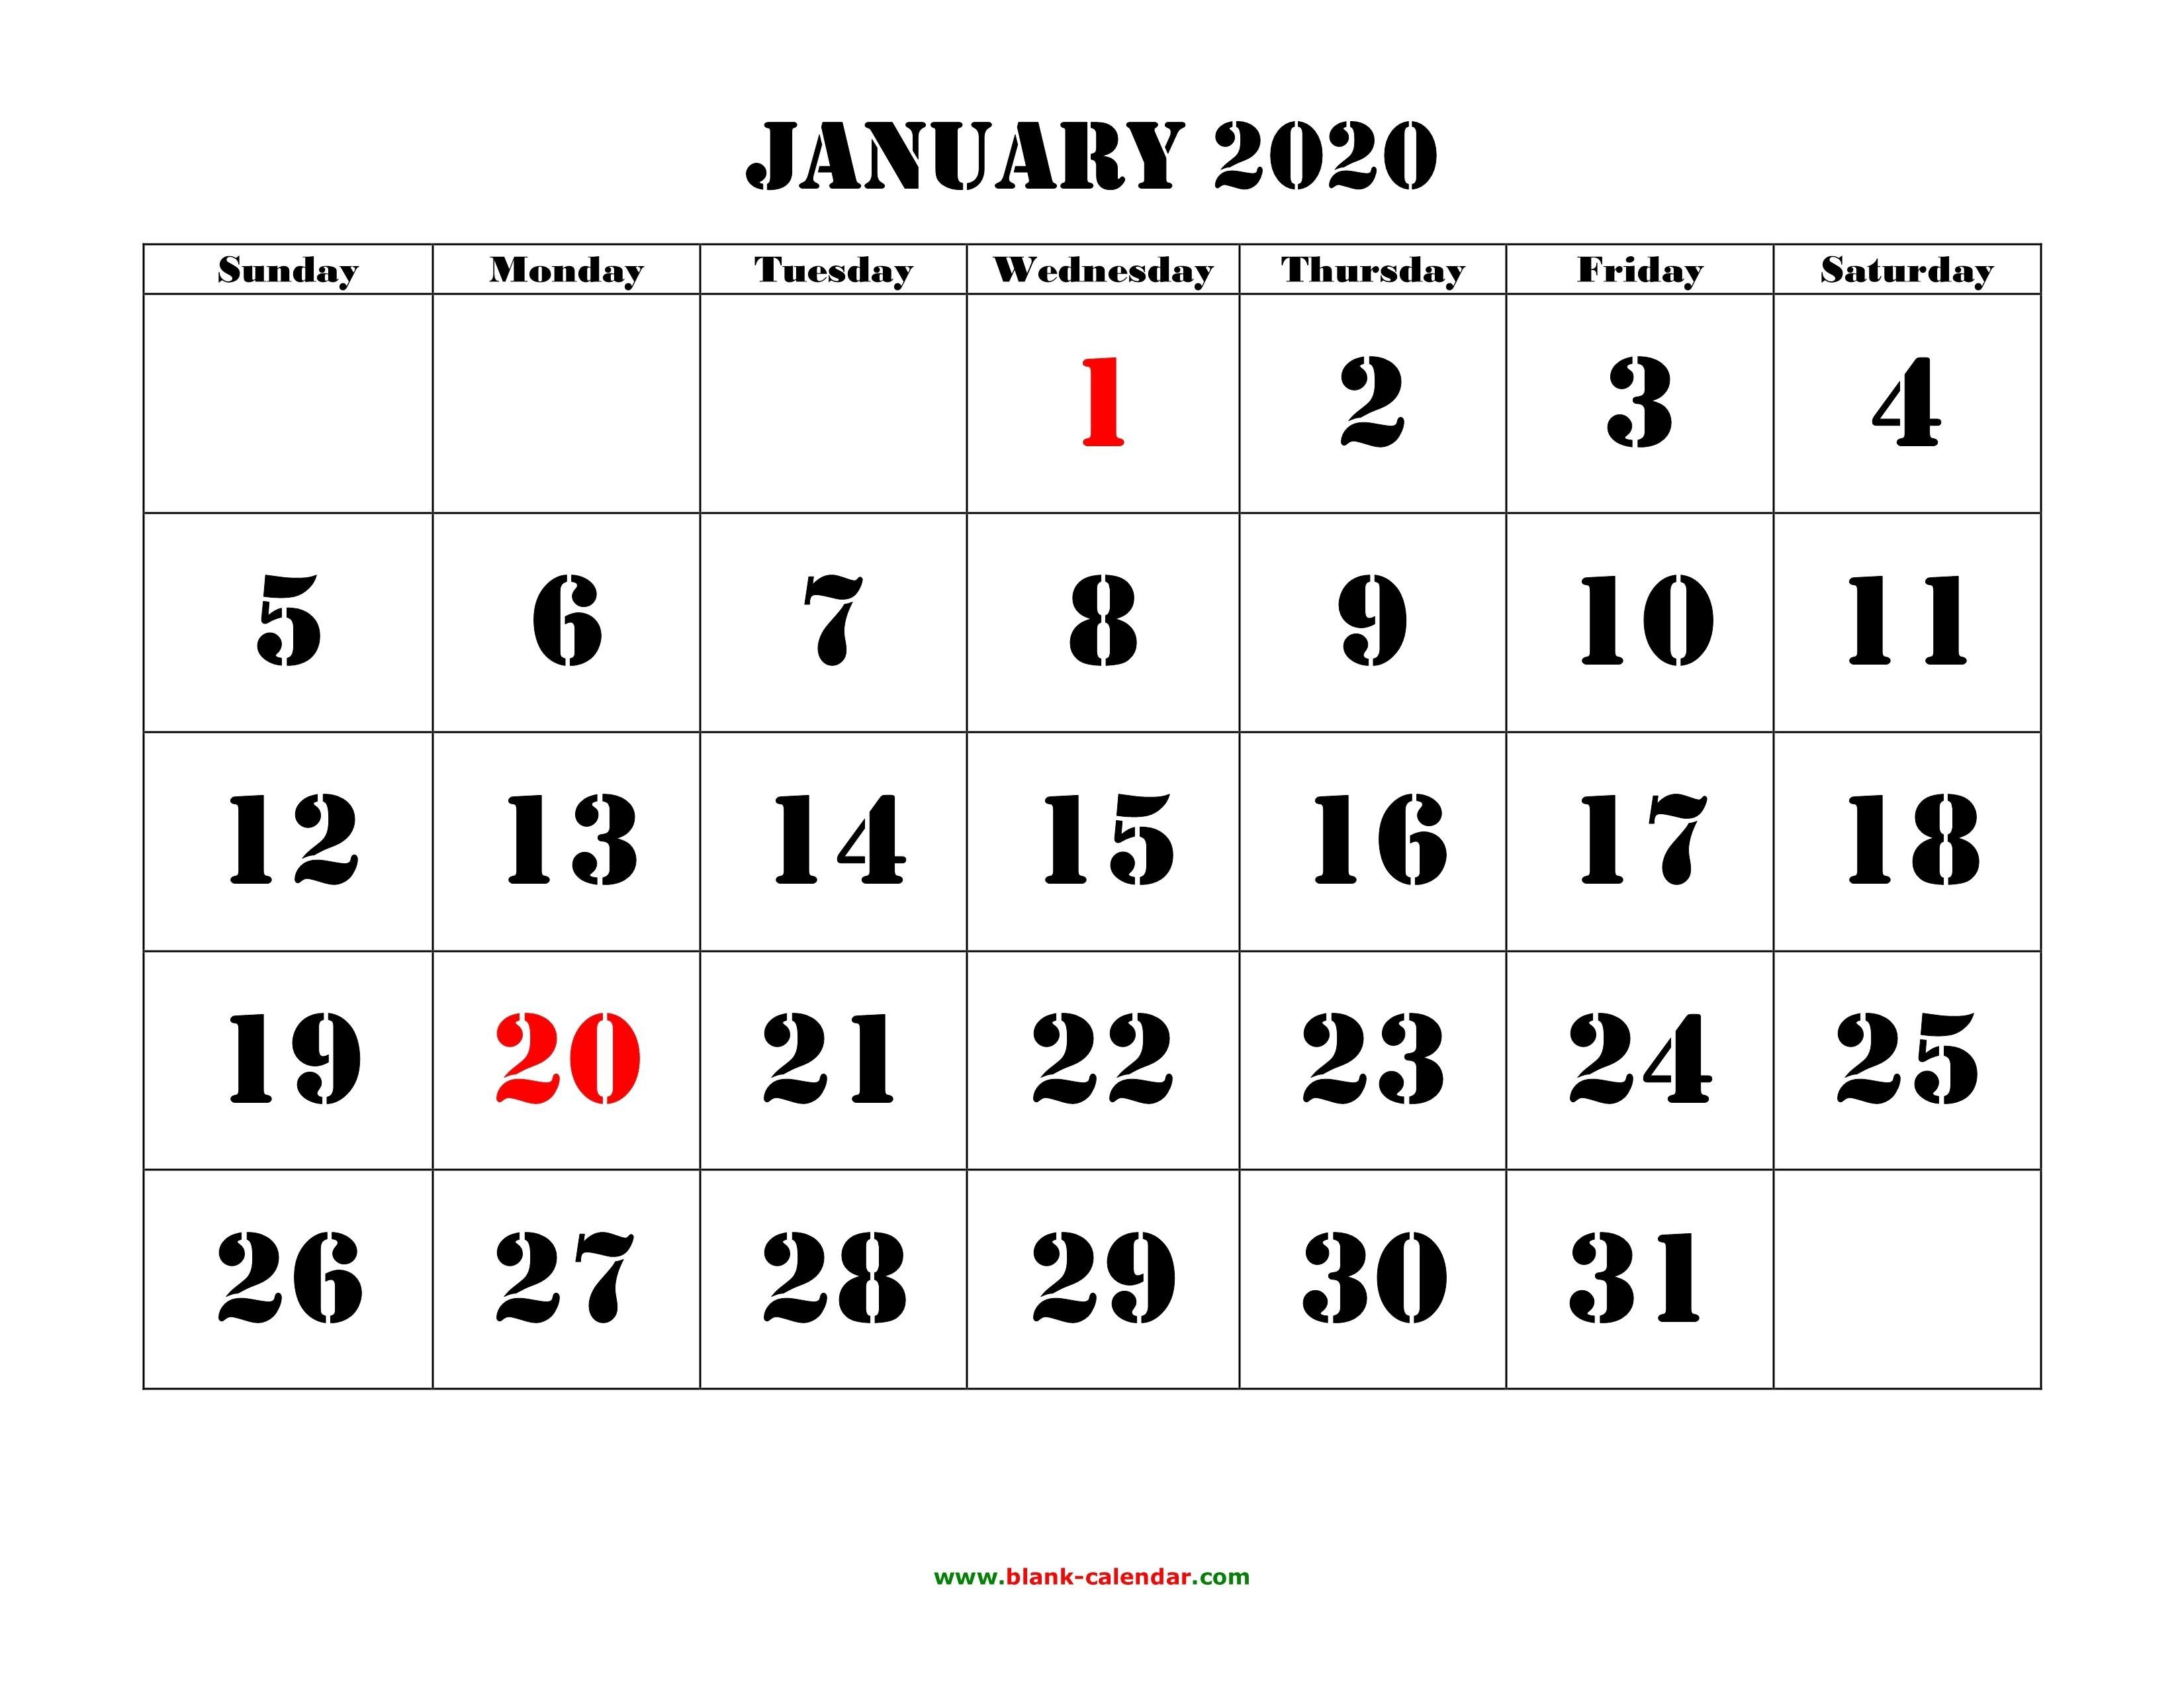 Printable January 2020 Calendar Large Font | Jcreview-January 2020 Lunar Calendar